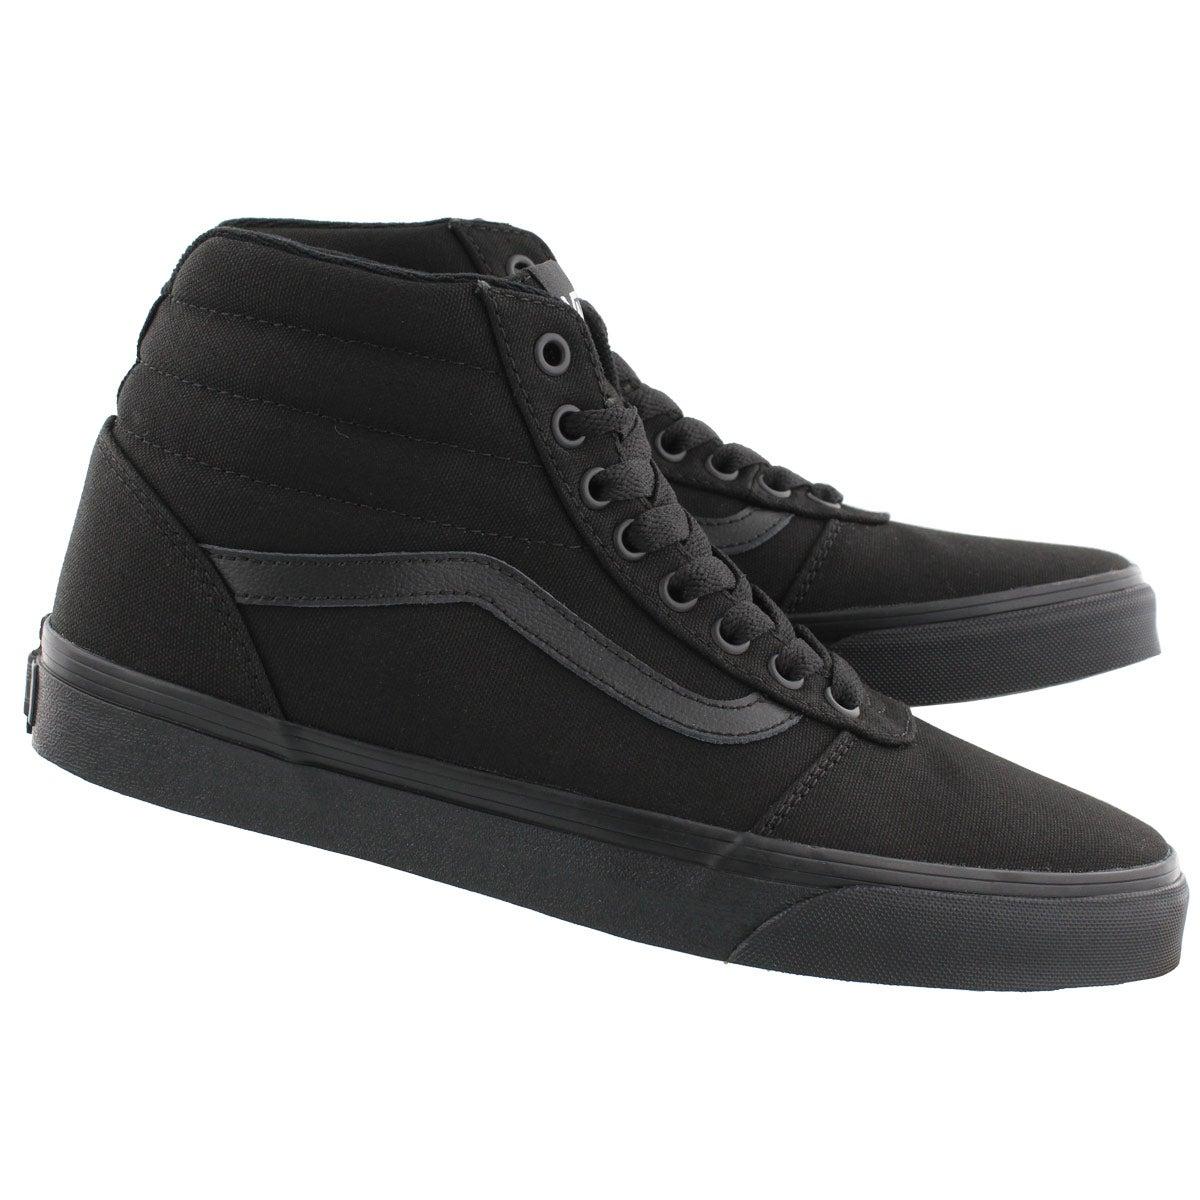 Mns Ward Hi blk/blk lace up sneaker